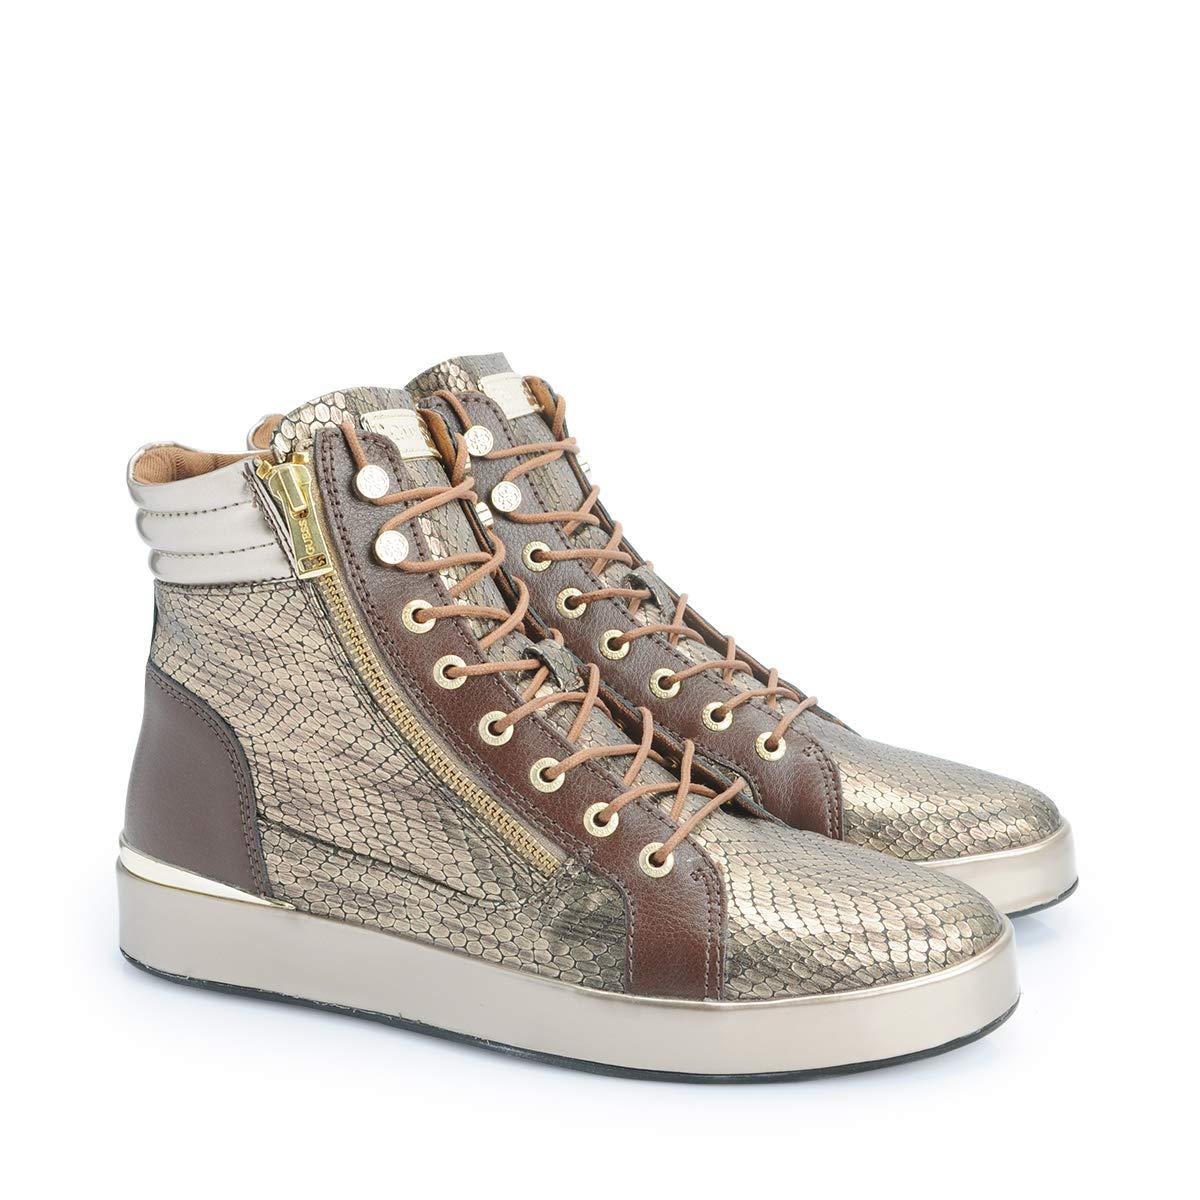 Pel18 Sneakers B Guess Femmes Flvnd4 w0Ovm8Nn